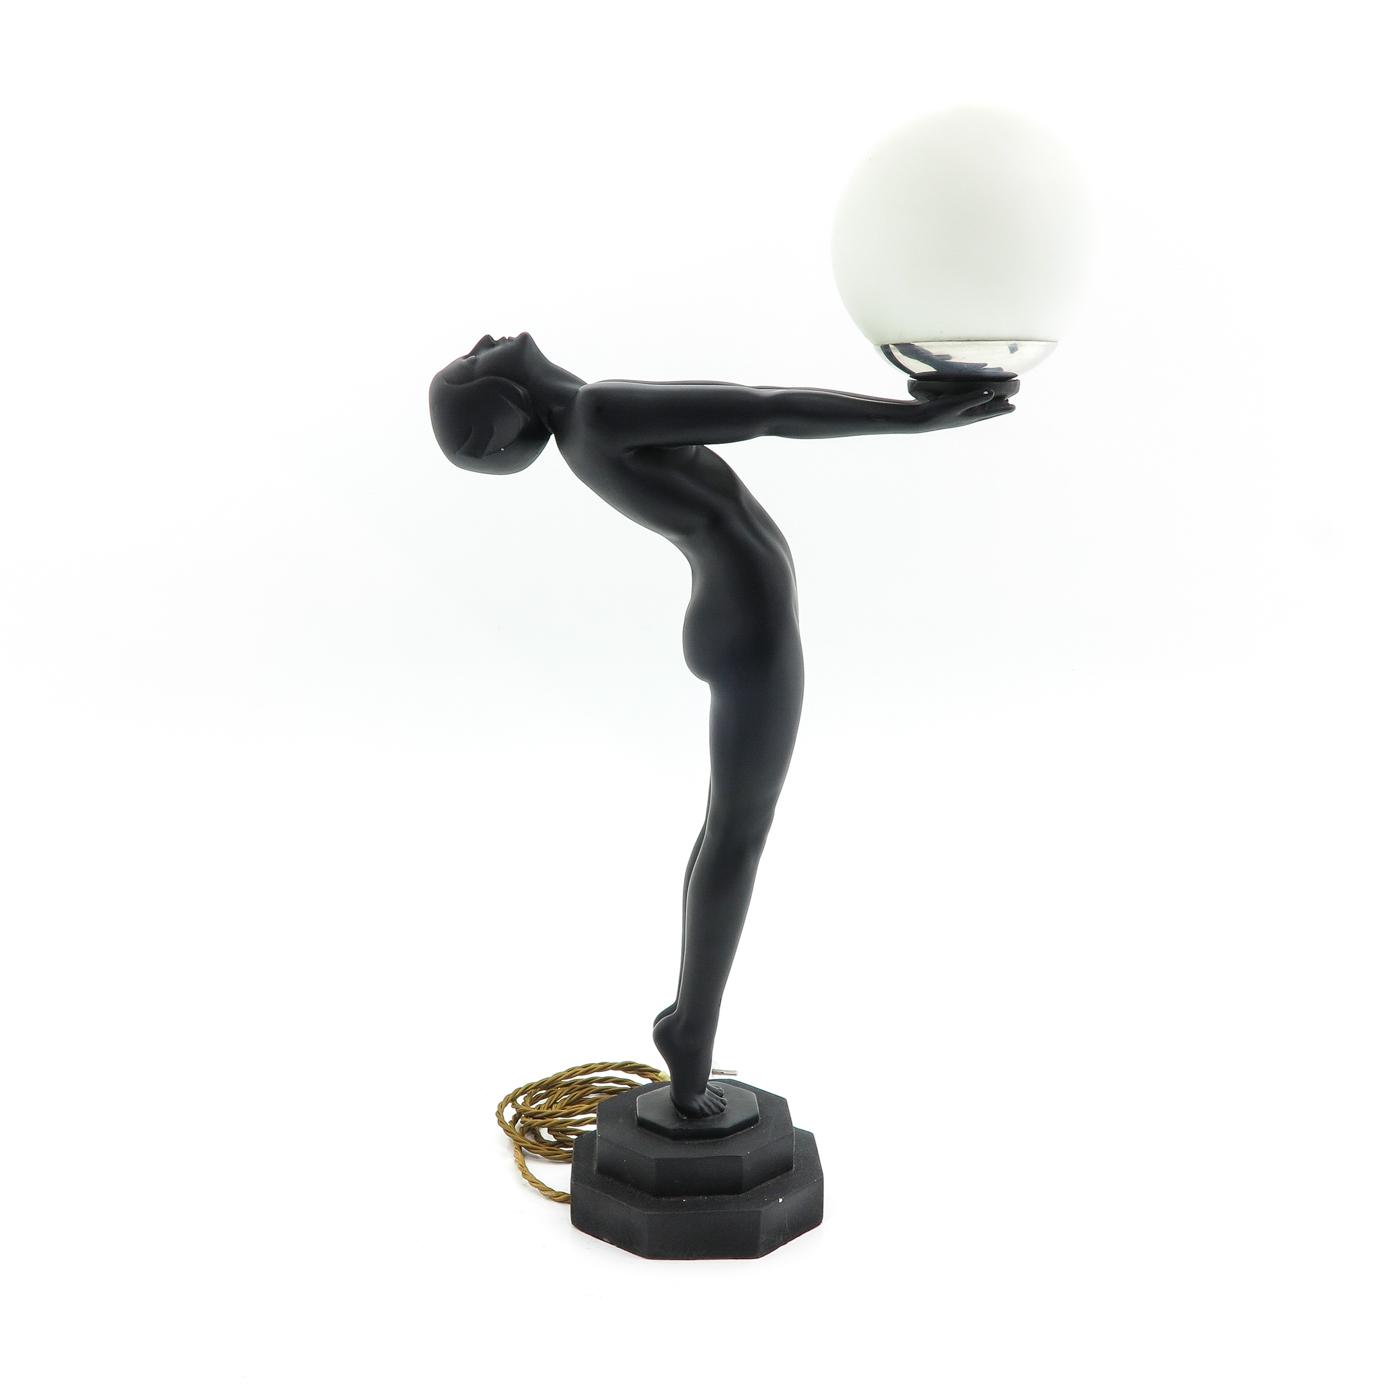 Lot 1037 - An Art DecoTable lamp